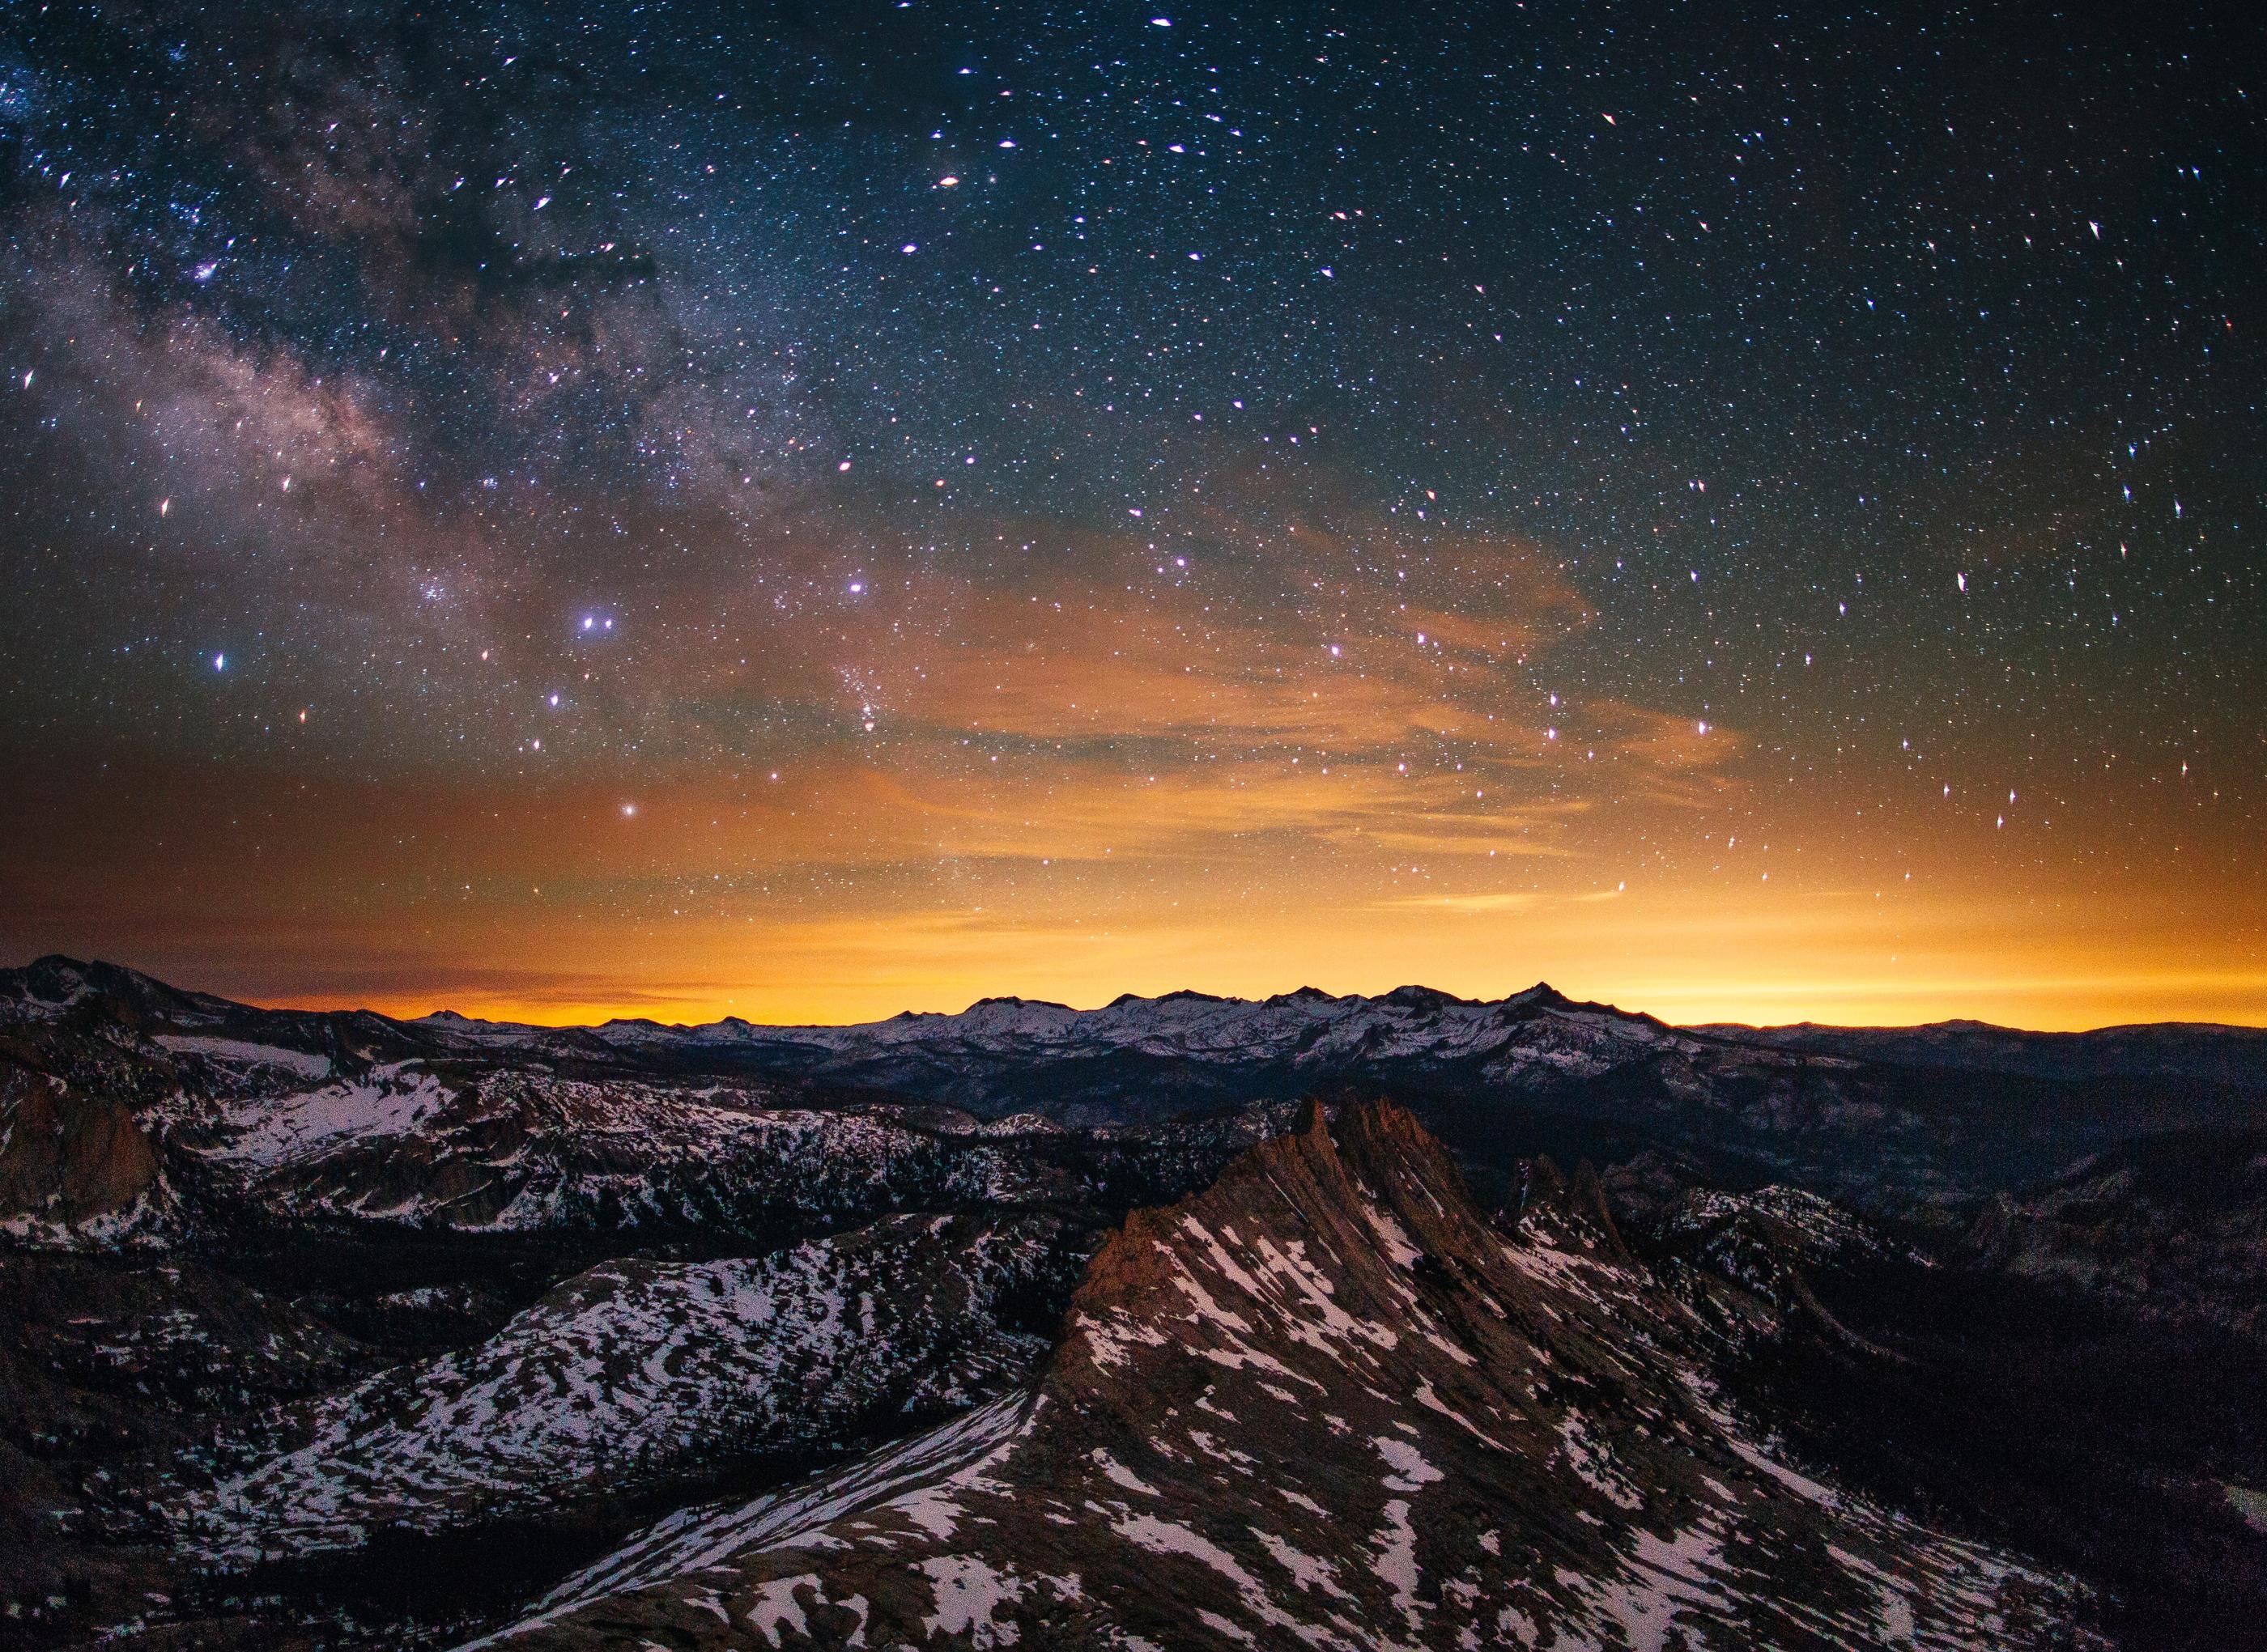 Imagenes Para La Pantalla: Fondo De Pantalla Semanal: Parque Nacional De Yosemite